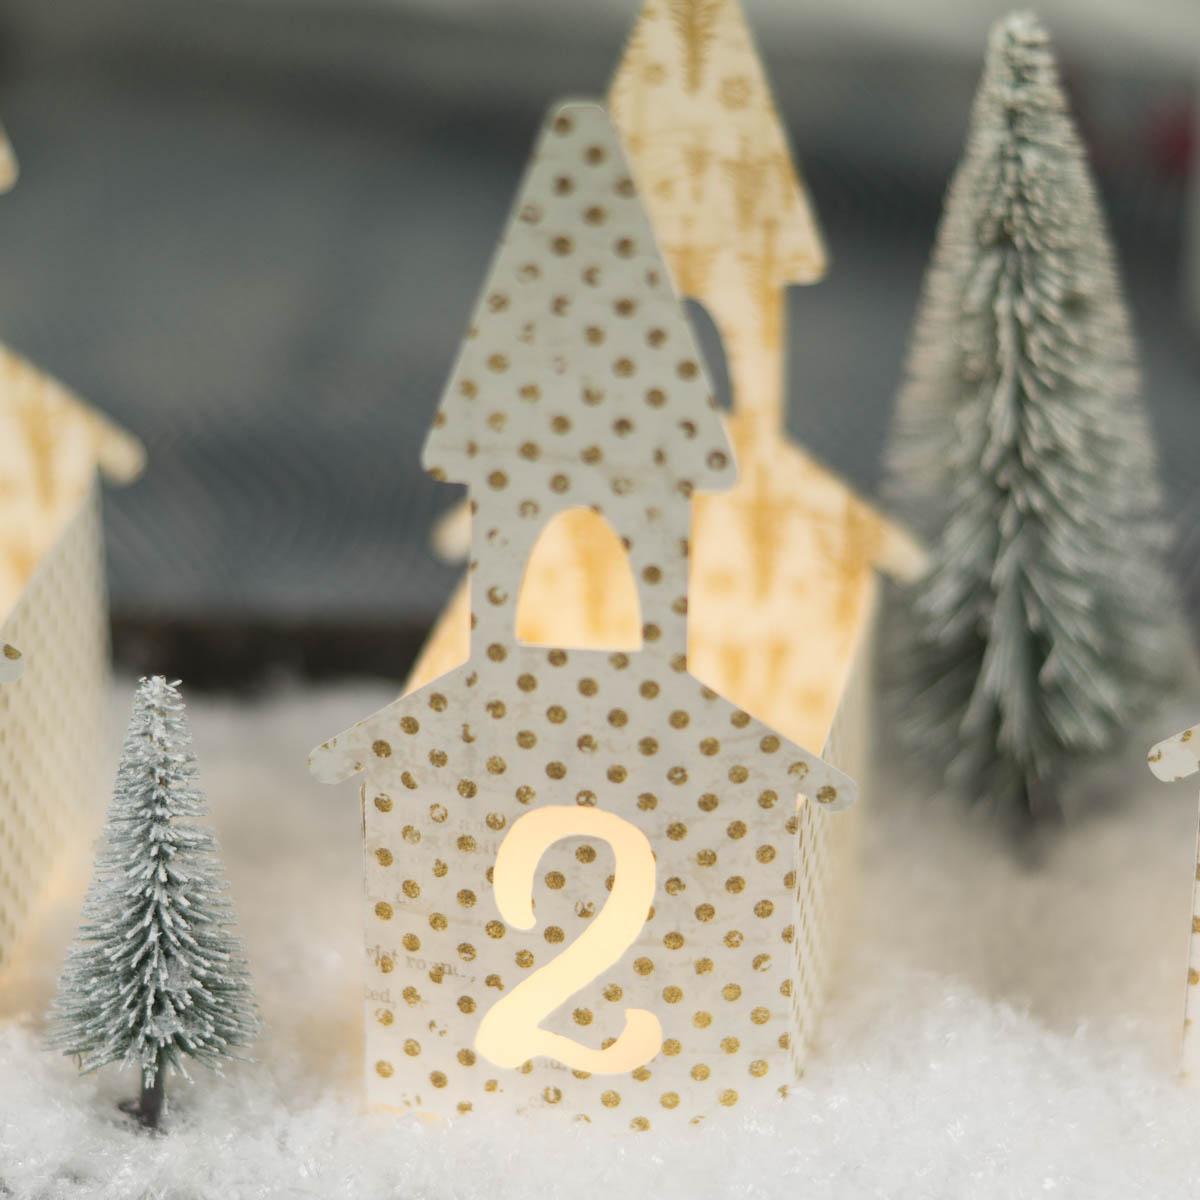 Genial: DIY Adventskranz selber machen modern und stilvoll